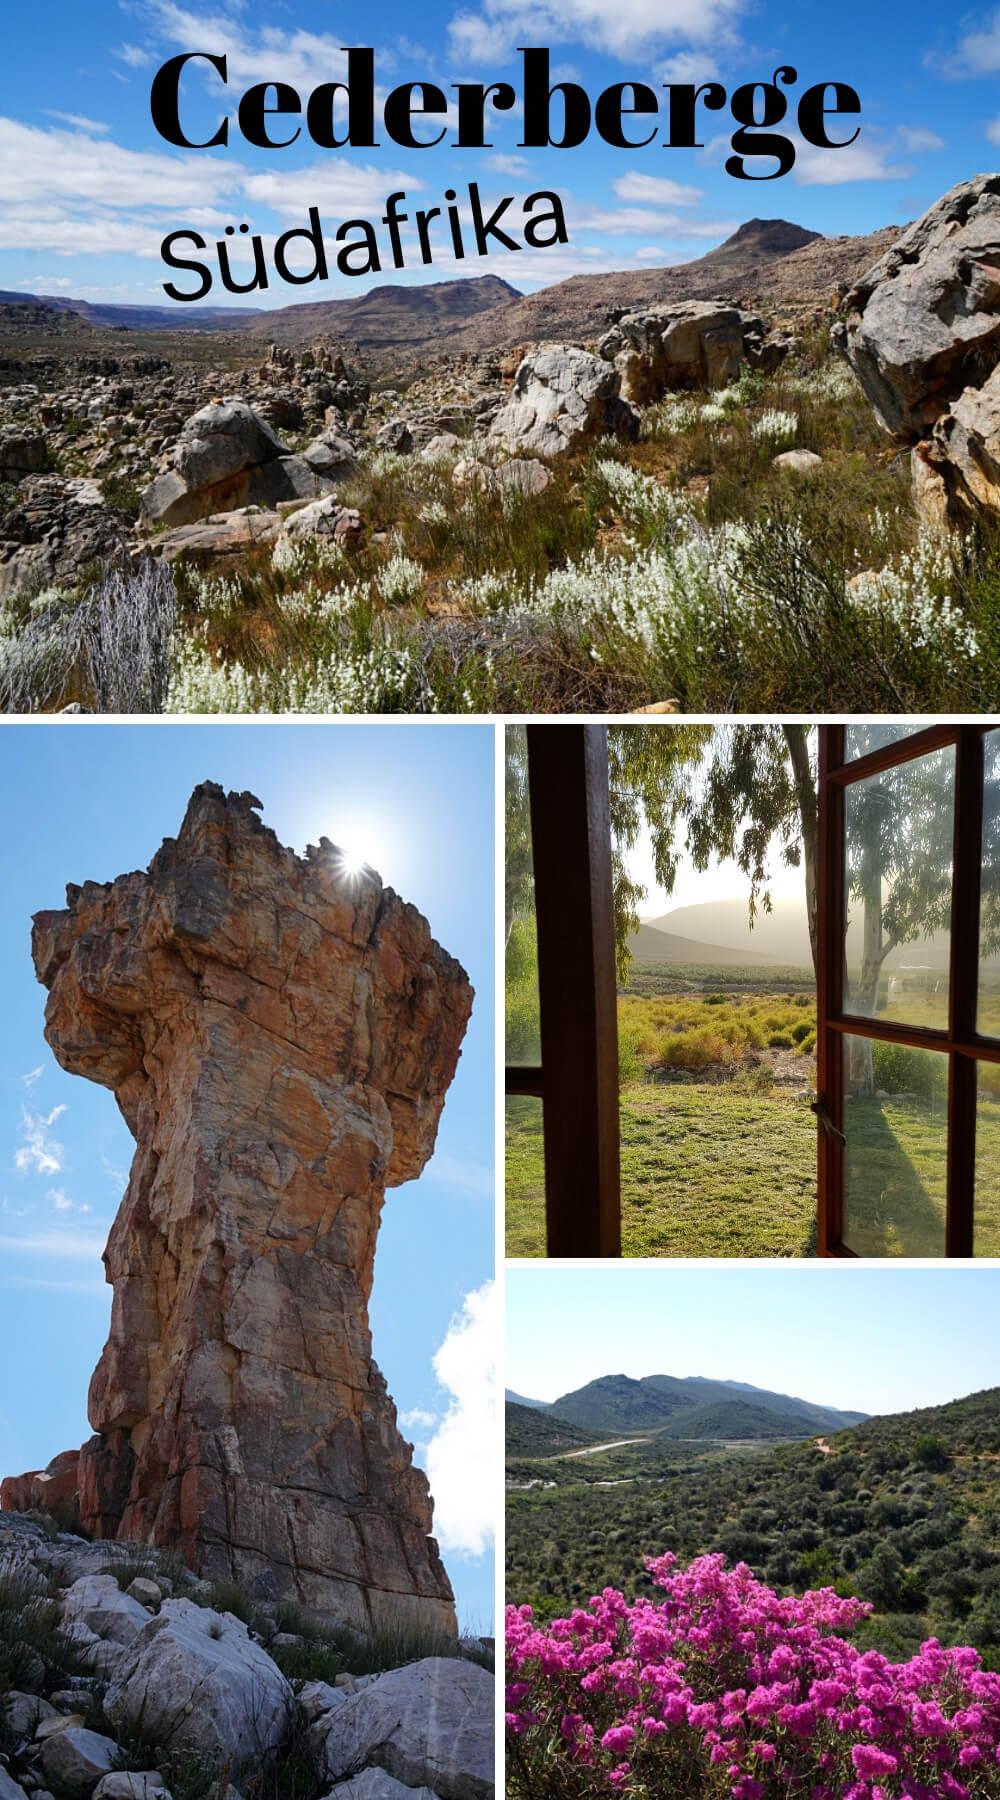 Die Cederberge: Wandern und Roadtrip in wilder Natur! Wir zeigen dir unsere Highlights und Wanderungen in den Cederberg Mountains in Südafrika #Südafrika #Cederberge #CederbergMountains